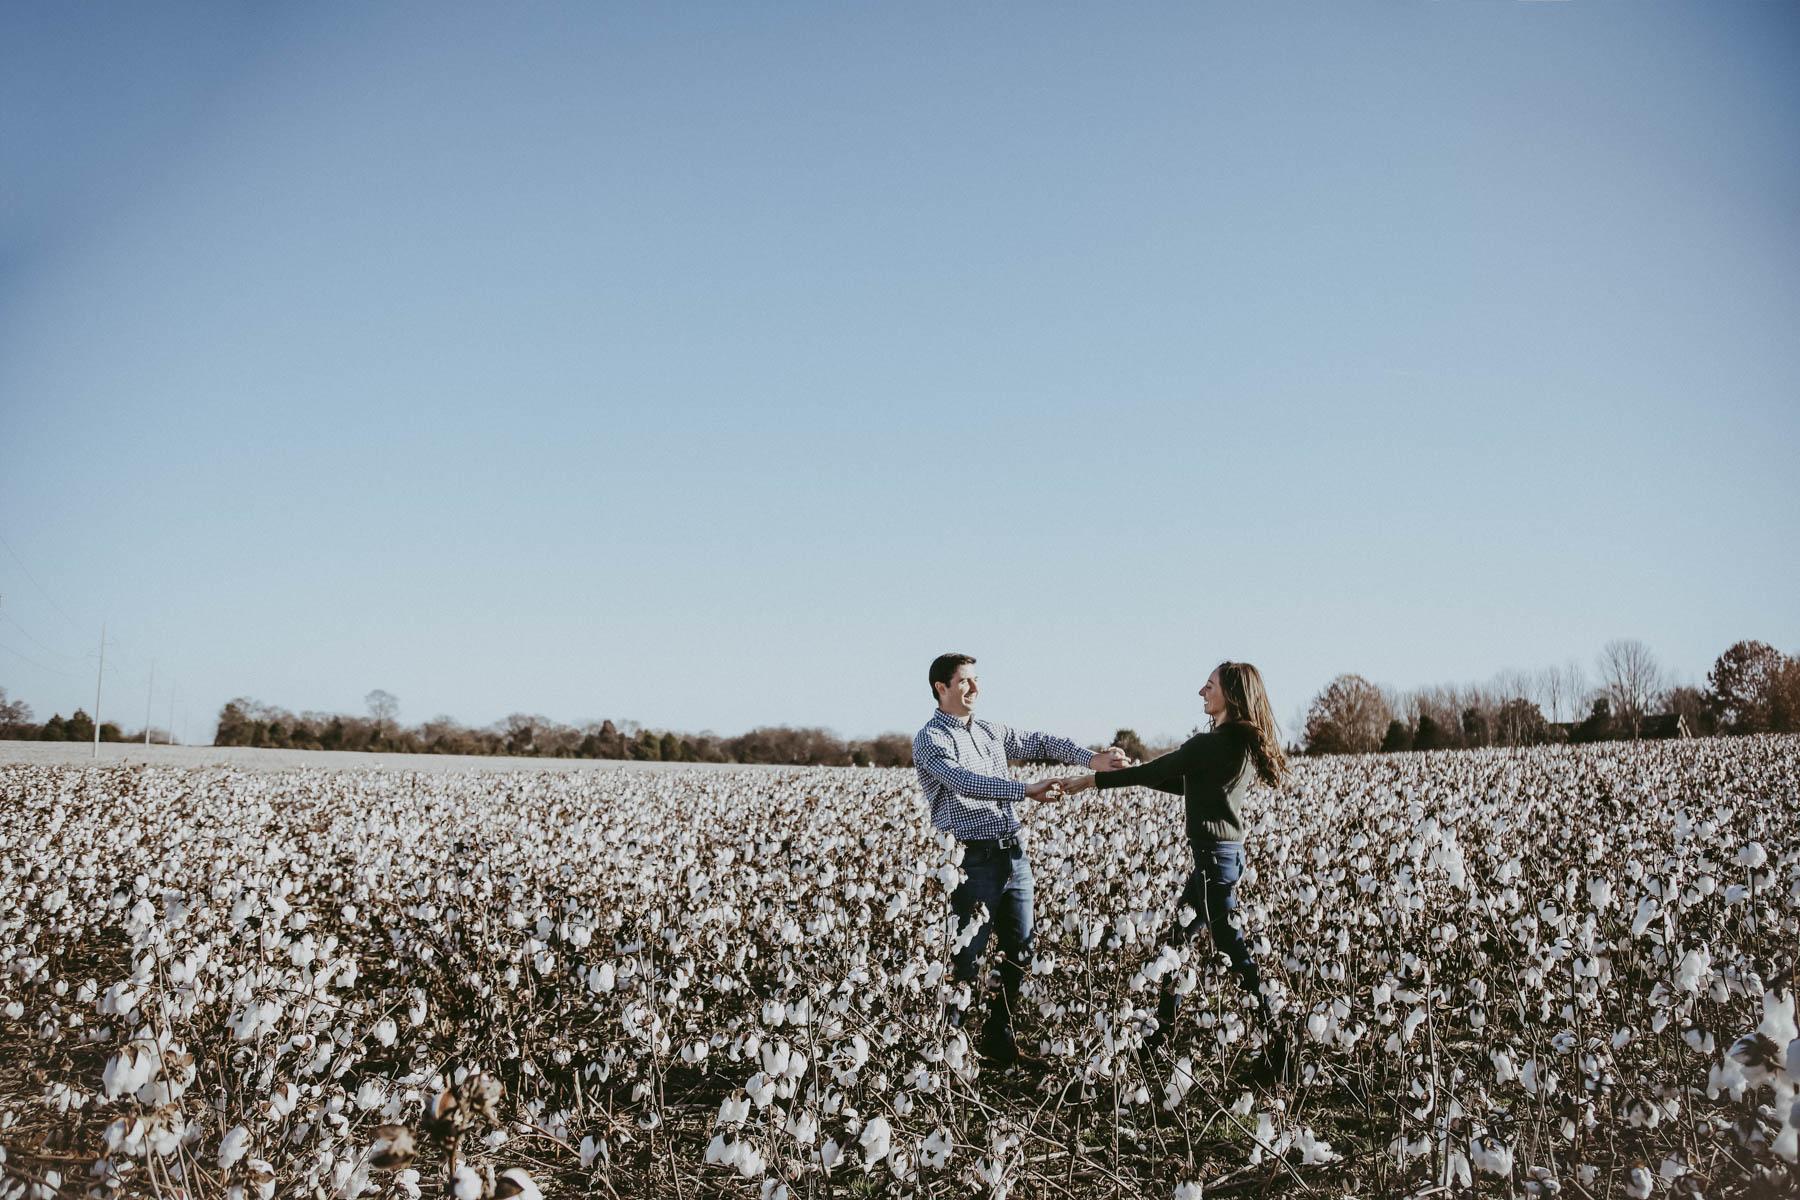 Nashville_Cotton_Field_Engagement-10.jpg